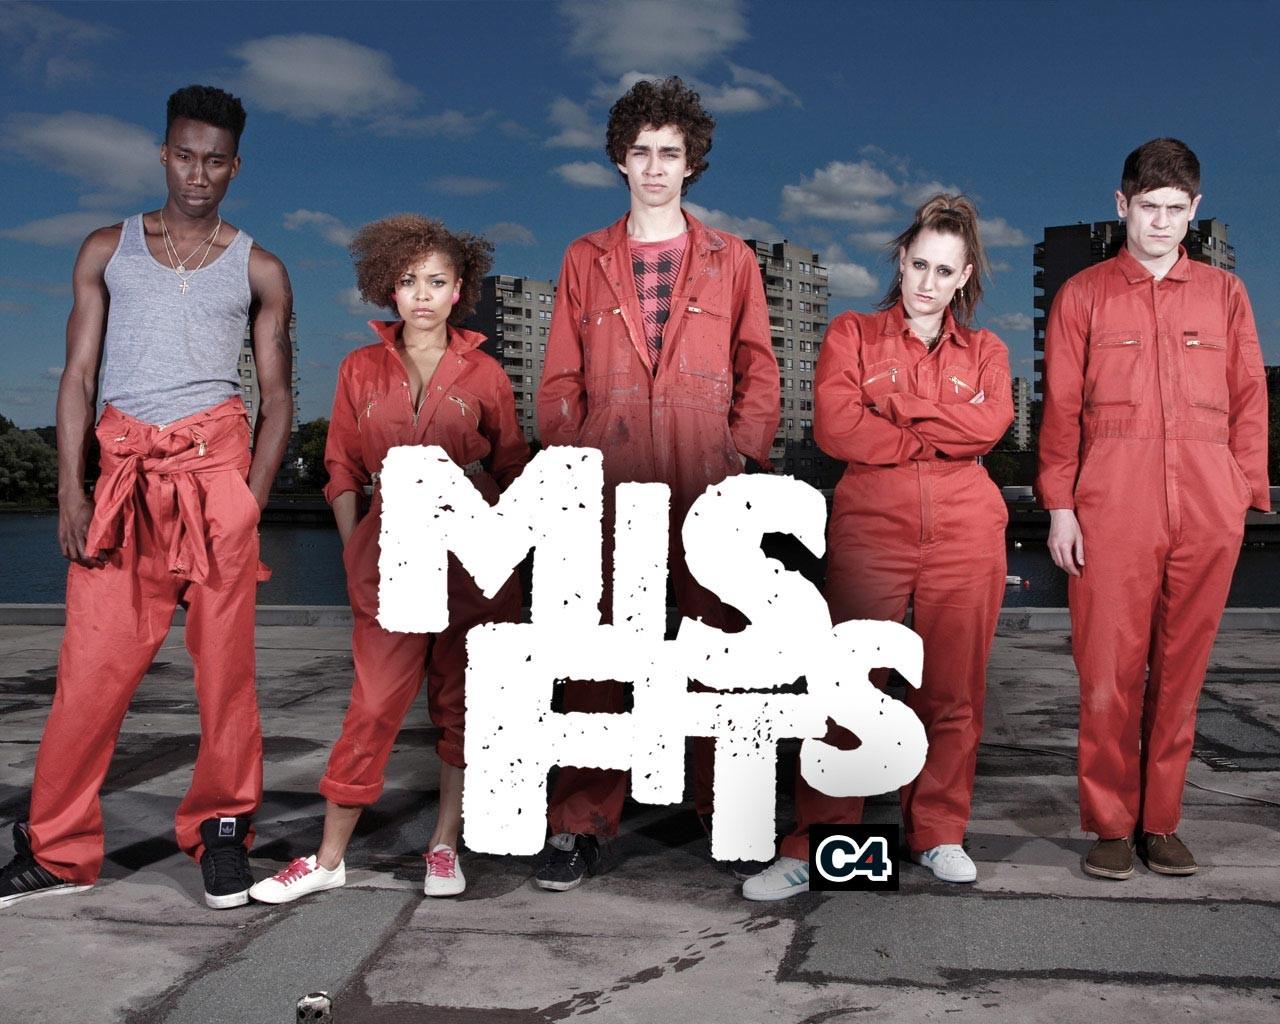 Отбросы/MisFits. Фантастический молодежный сериал.